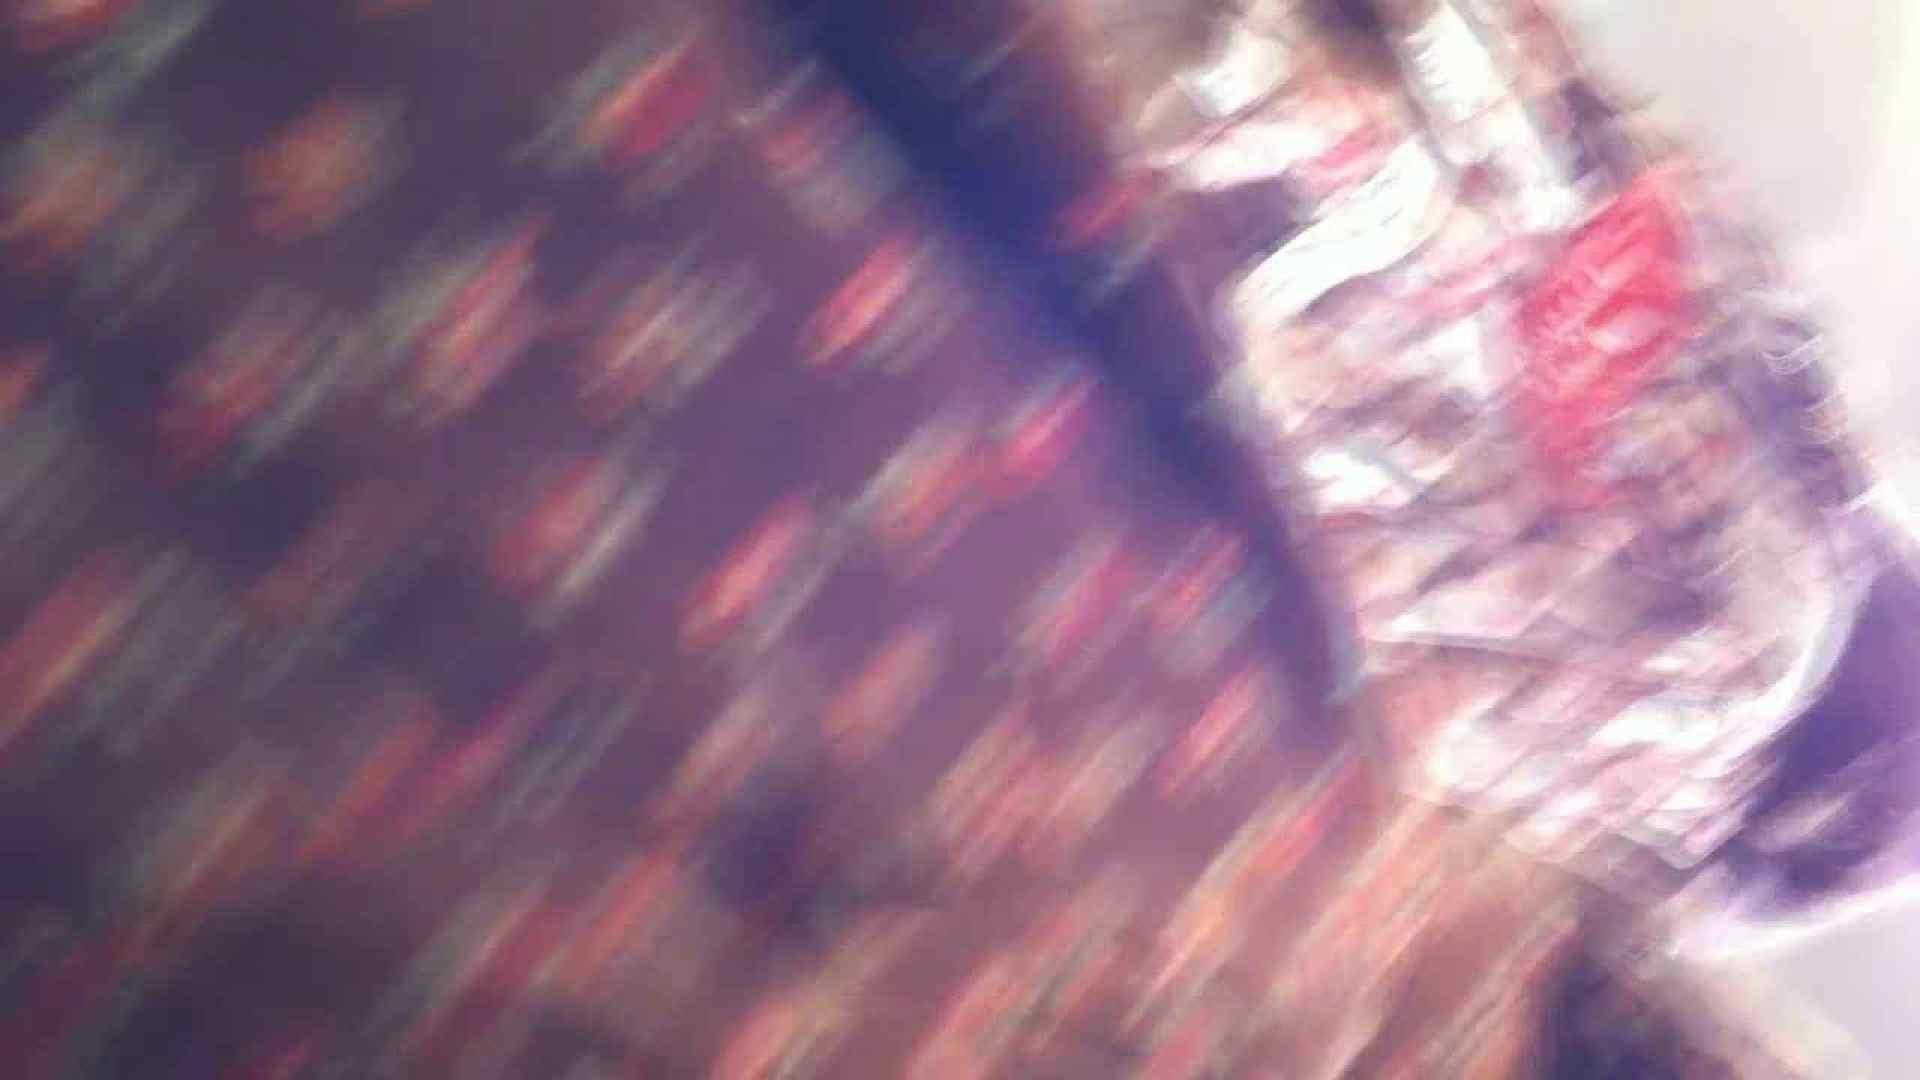 フルHD ショップ店員千人斬り! 大画面ノーカット完全版 vol.45 OLエロ画像 | ギャルエロ画像  104PICs 53